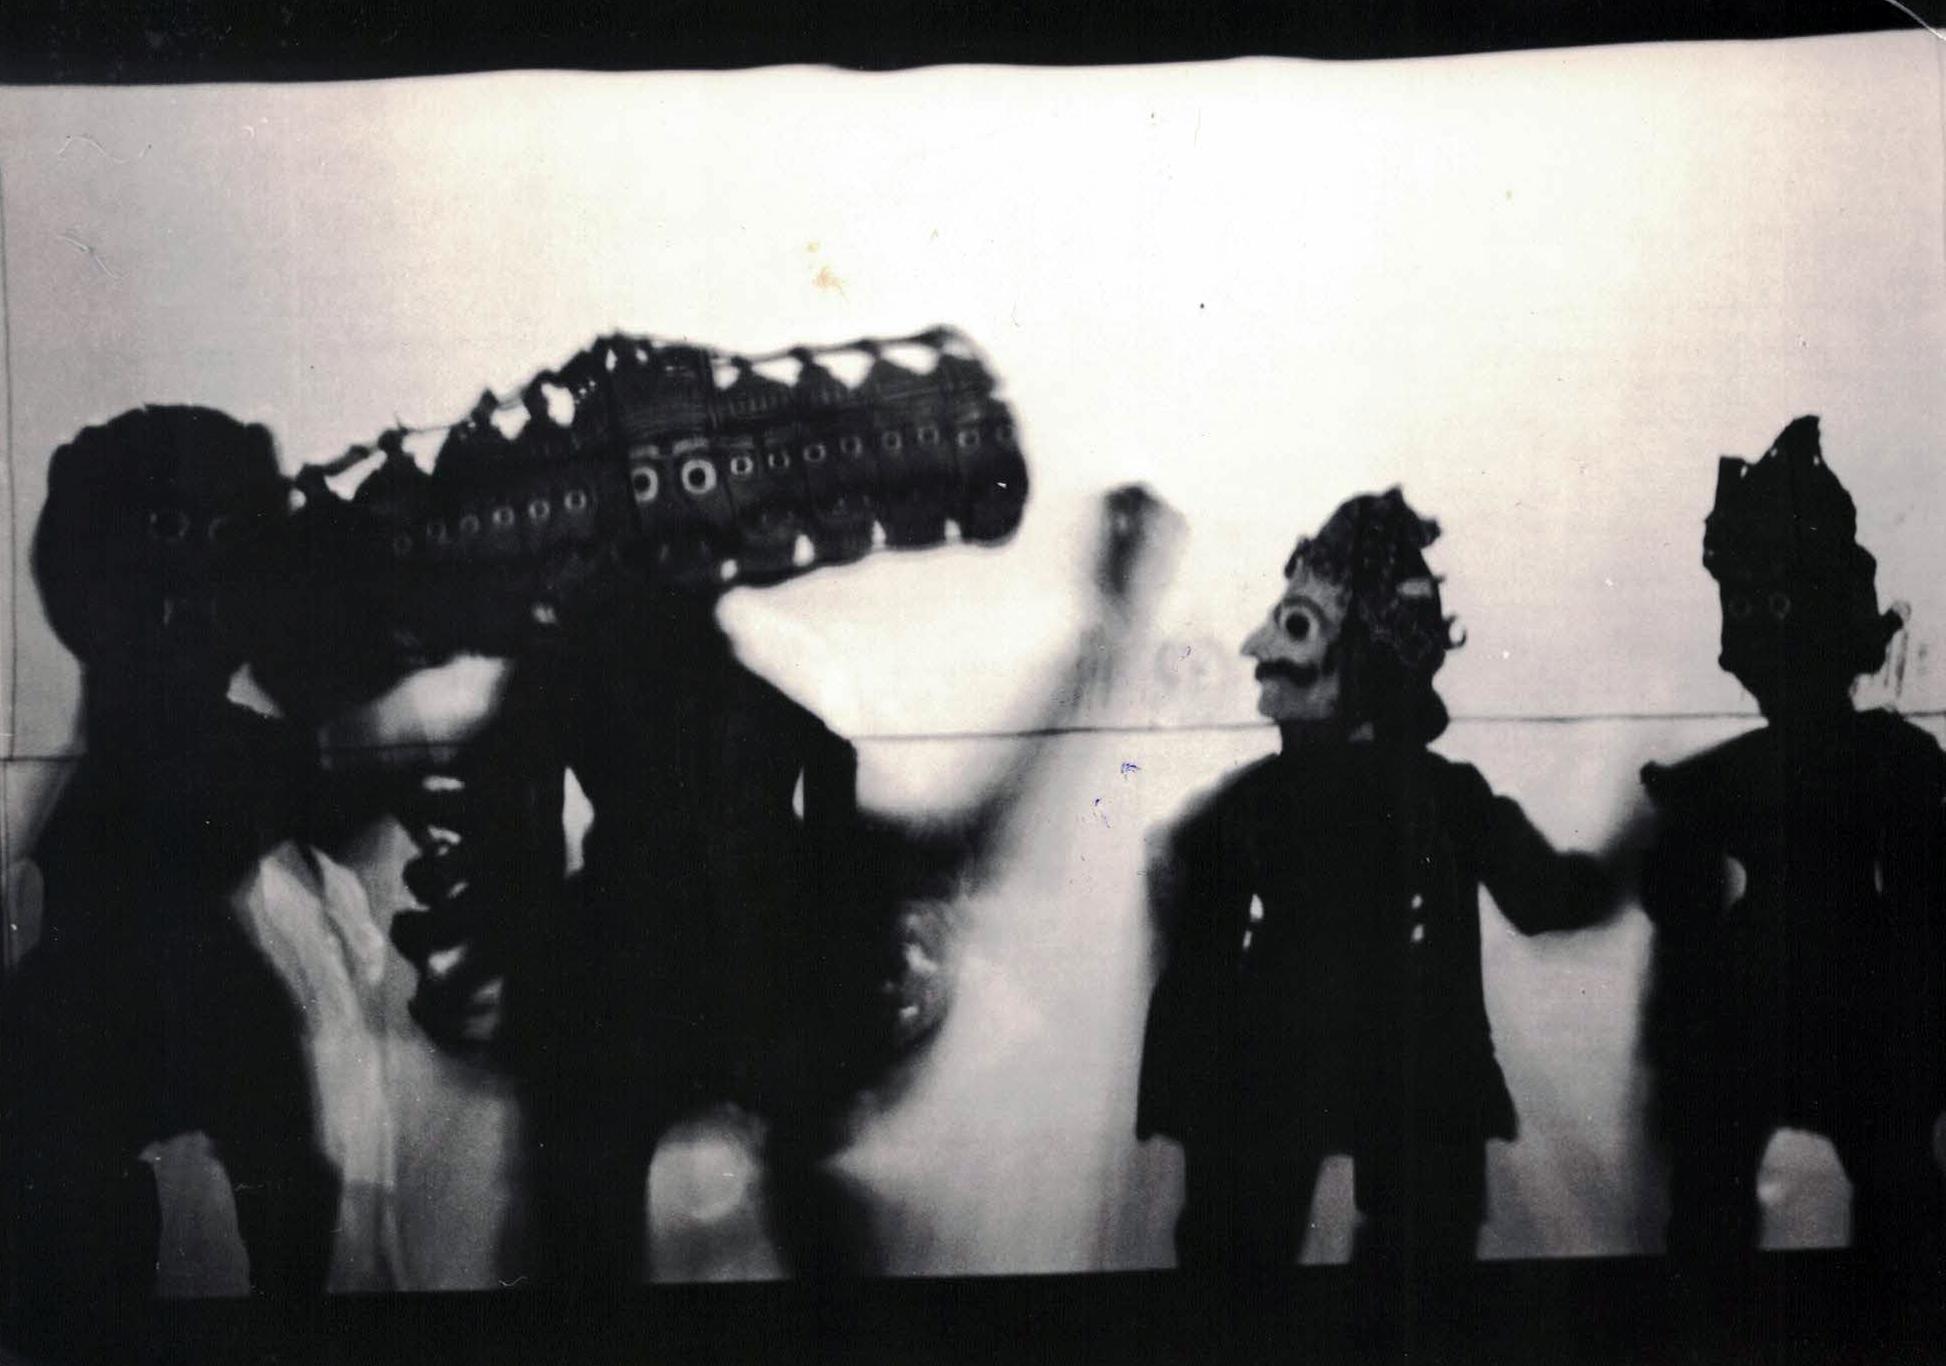 Râvana à dix têtes, l'antagoniste du Râmâyana, avec d'autres personnages d'ombres, réalisée dans le style de tolu bommalata d'Andhra Pradesh, en Inde